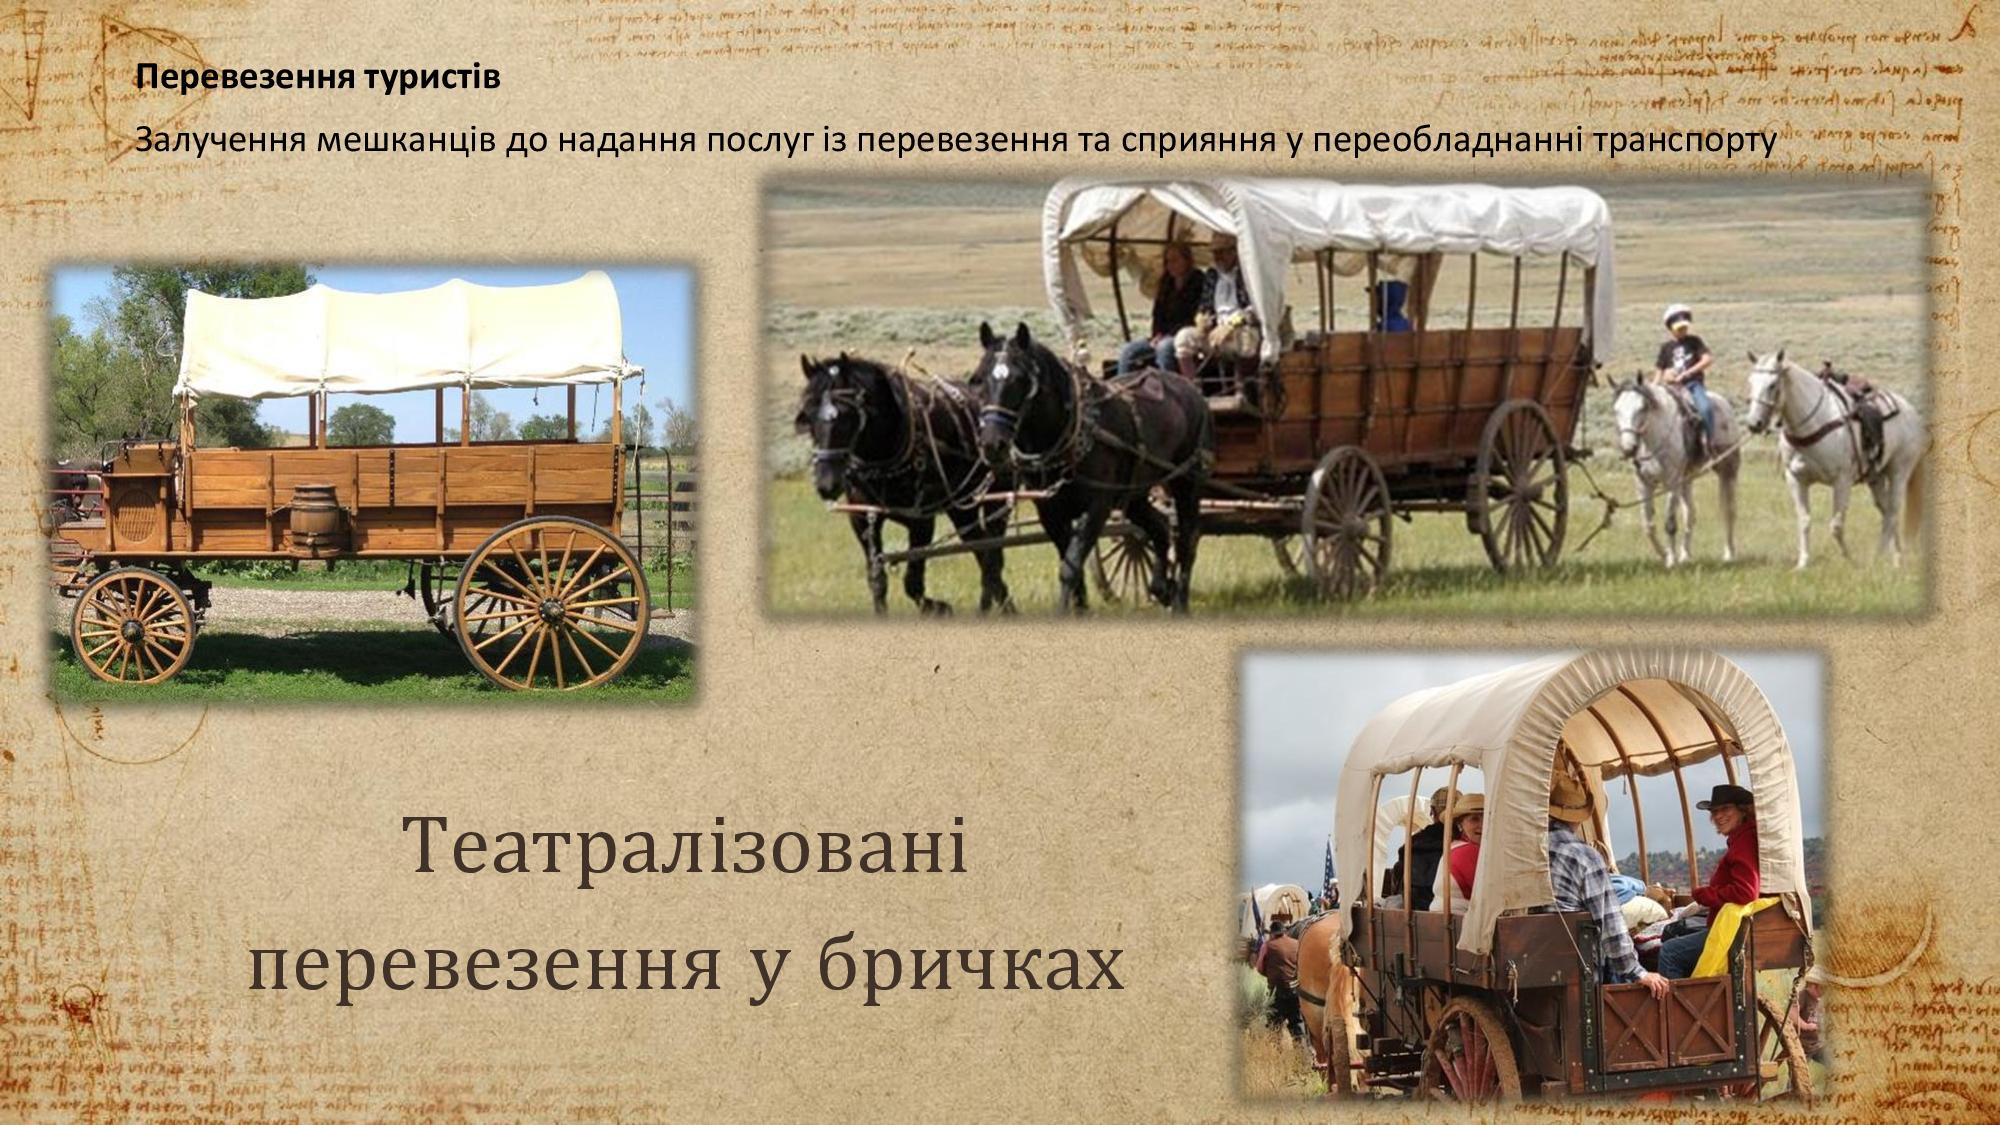 http://decentralization.gov.ua/uploads/ckeditor/pictures/885/content_1456035_1508475.jpg